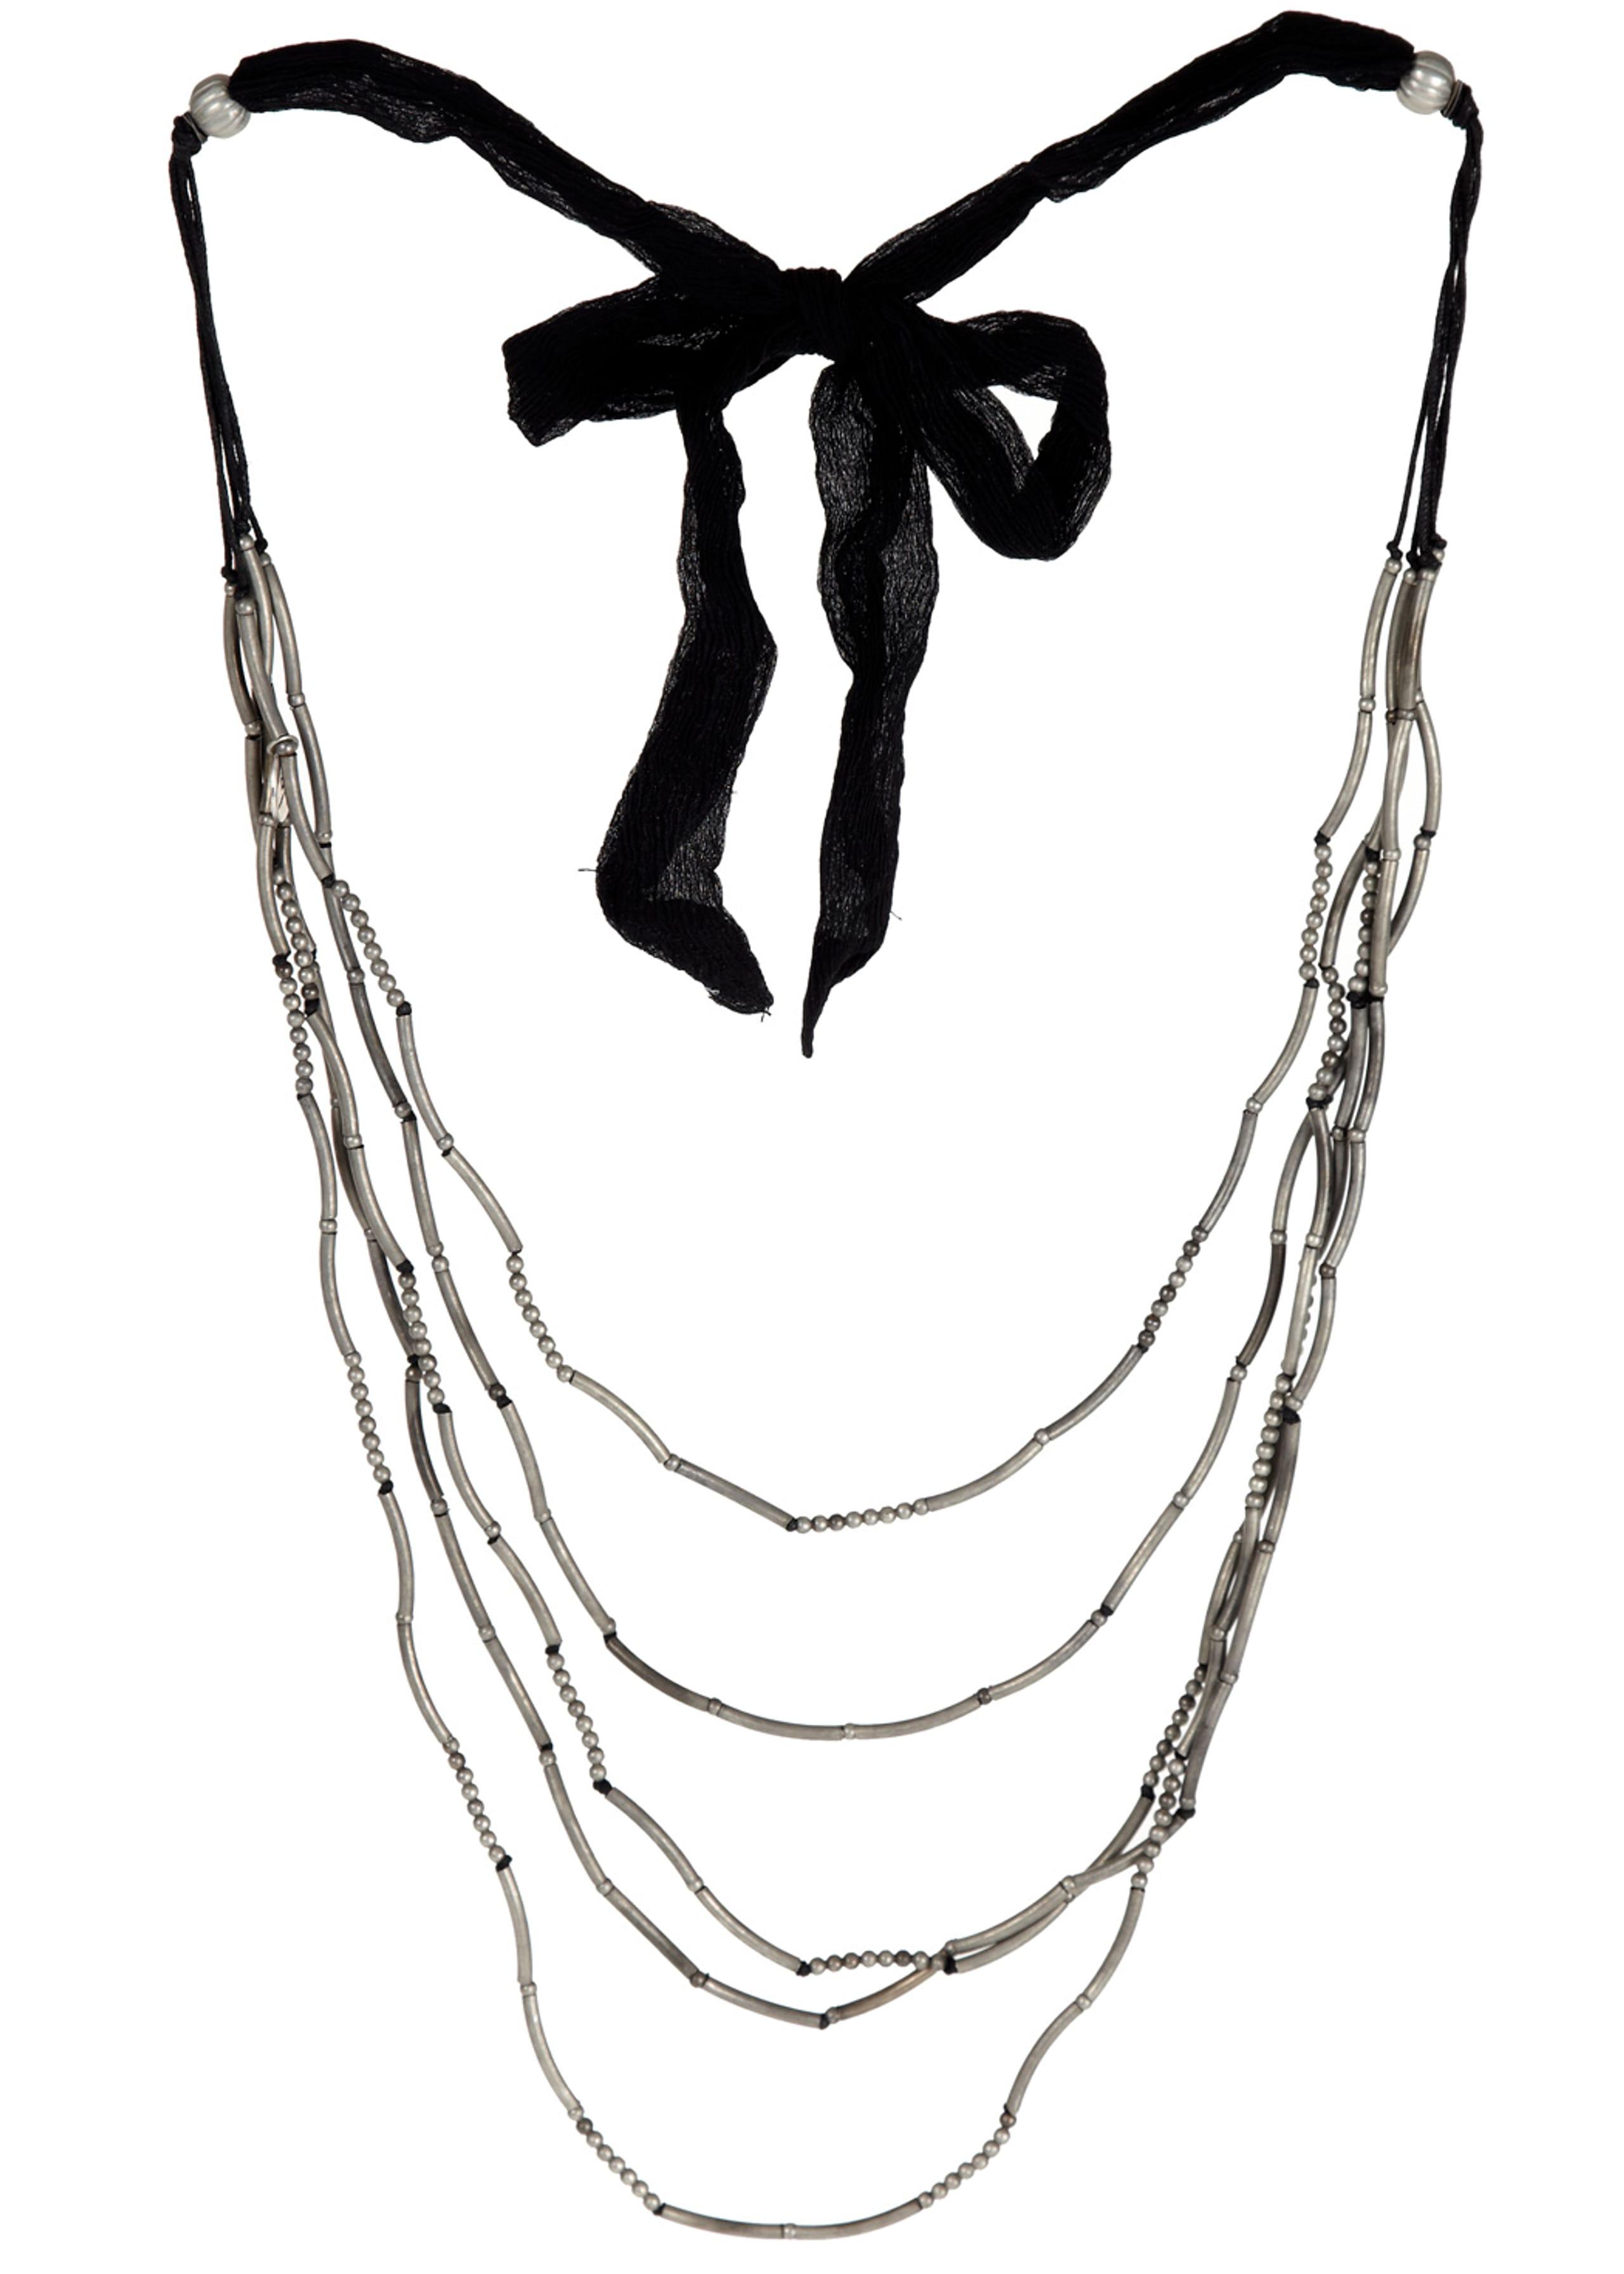 necklace day metal strings day birger et mikkelsen. Black Bedroom Furniture Sets. Home Design Ideas